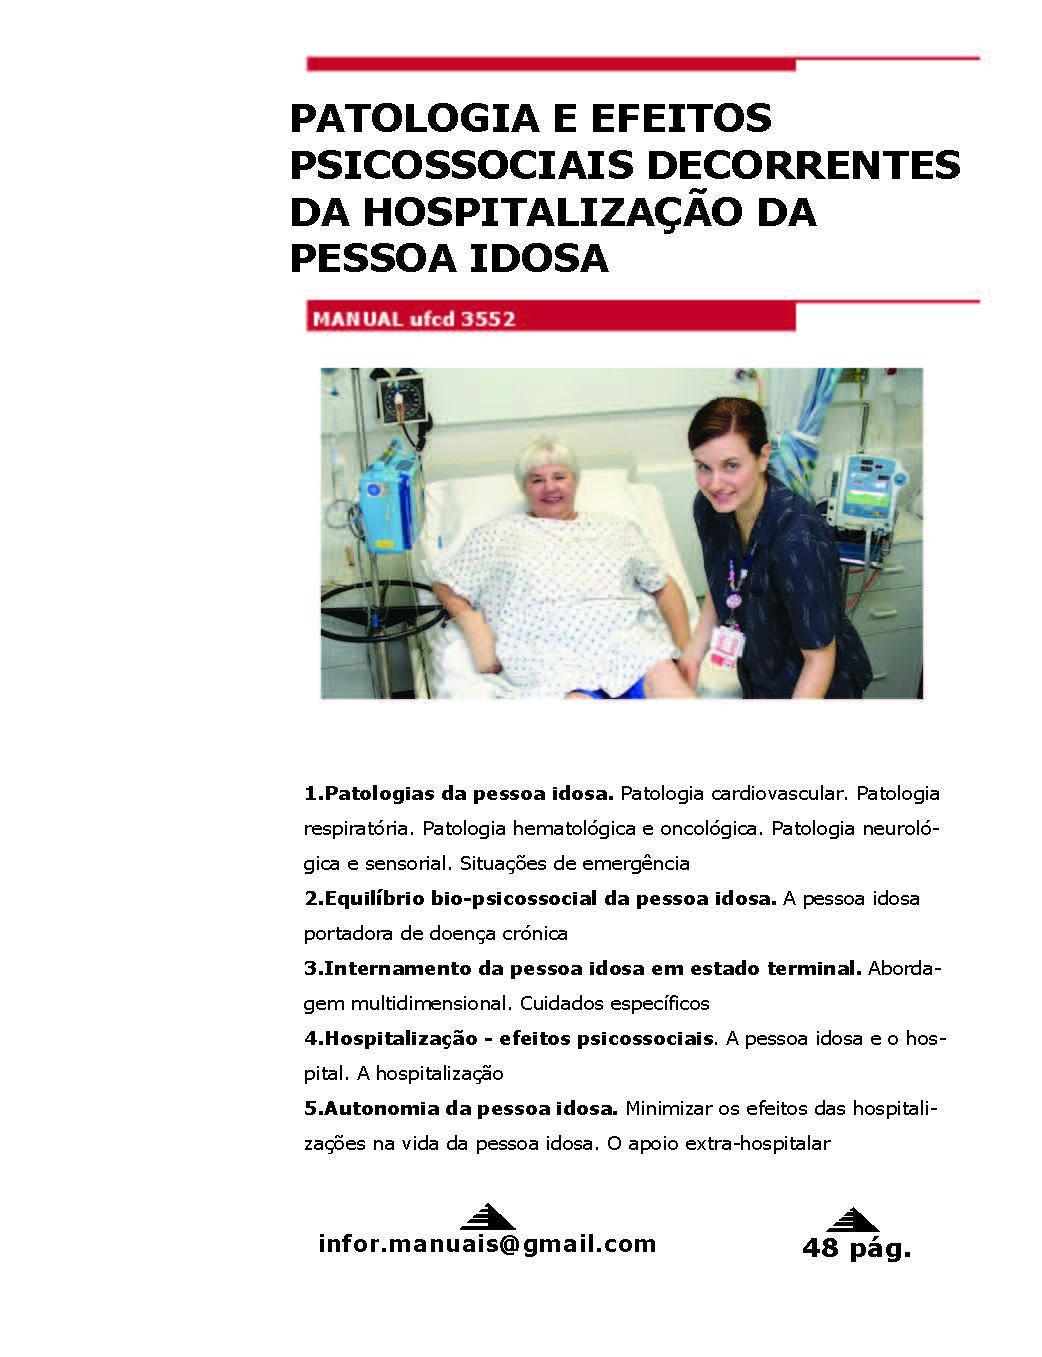 3552. Patologia e efeitos psicossociais decorrentes da hosp da pessoa idosa